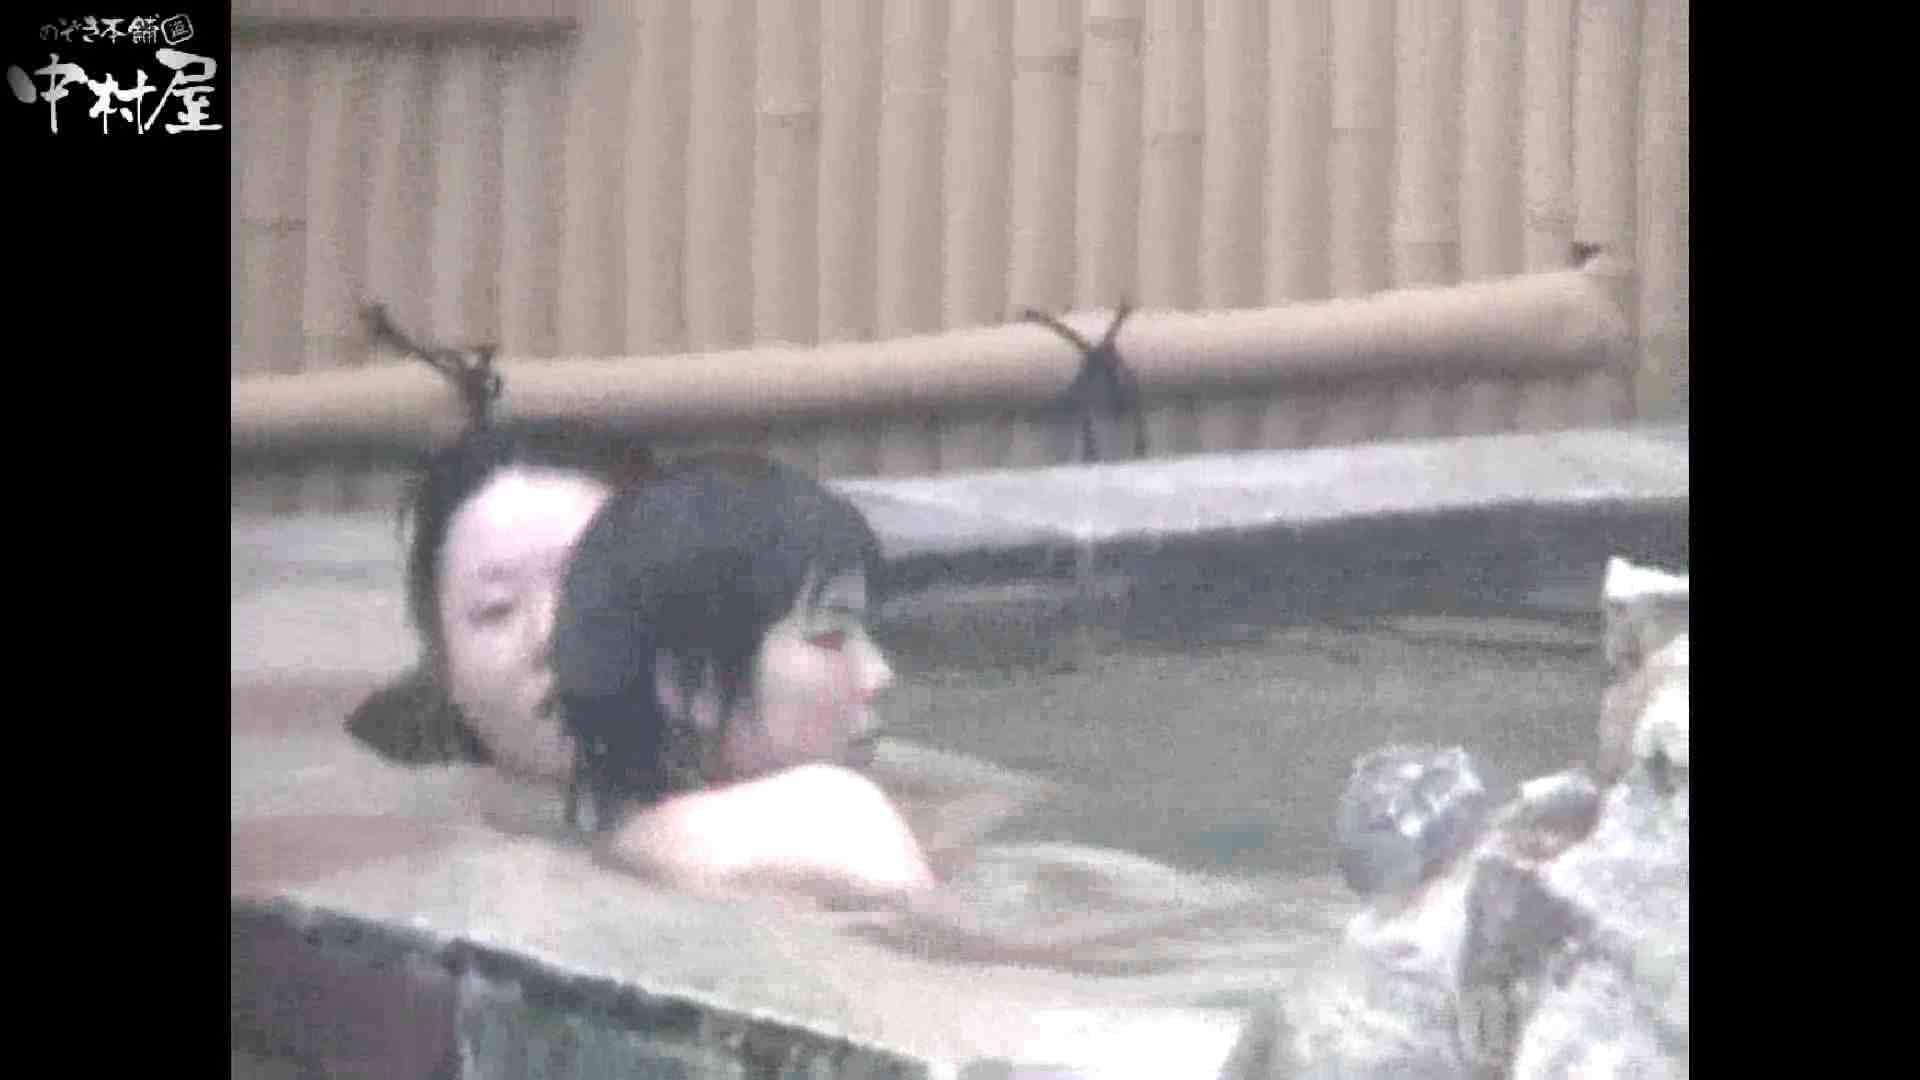 Aquaな露天風呂Vol.880潜入盗撮露天風呂十六判湯 其の七 盗撮シリーズ | 潜入  111PIX 76